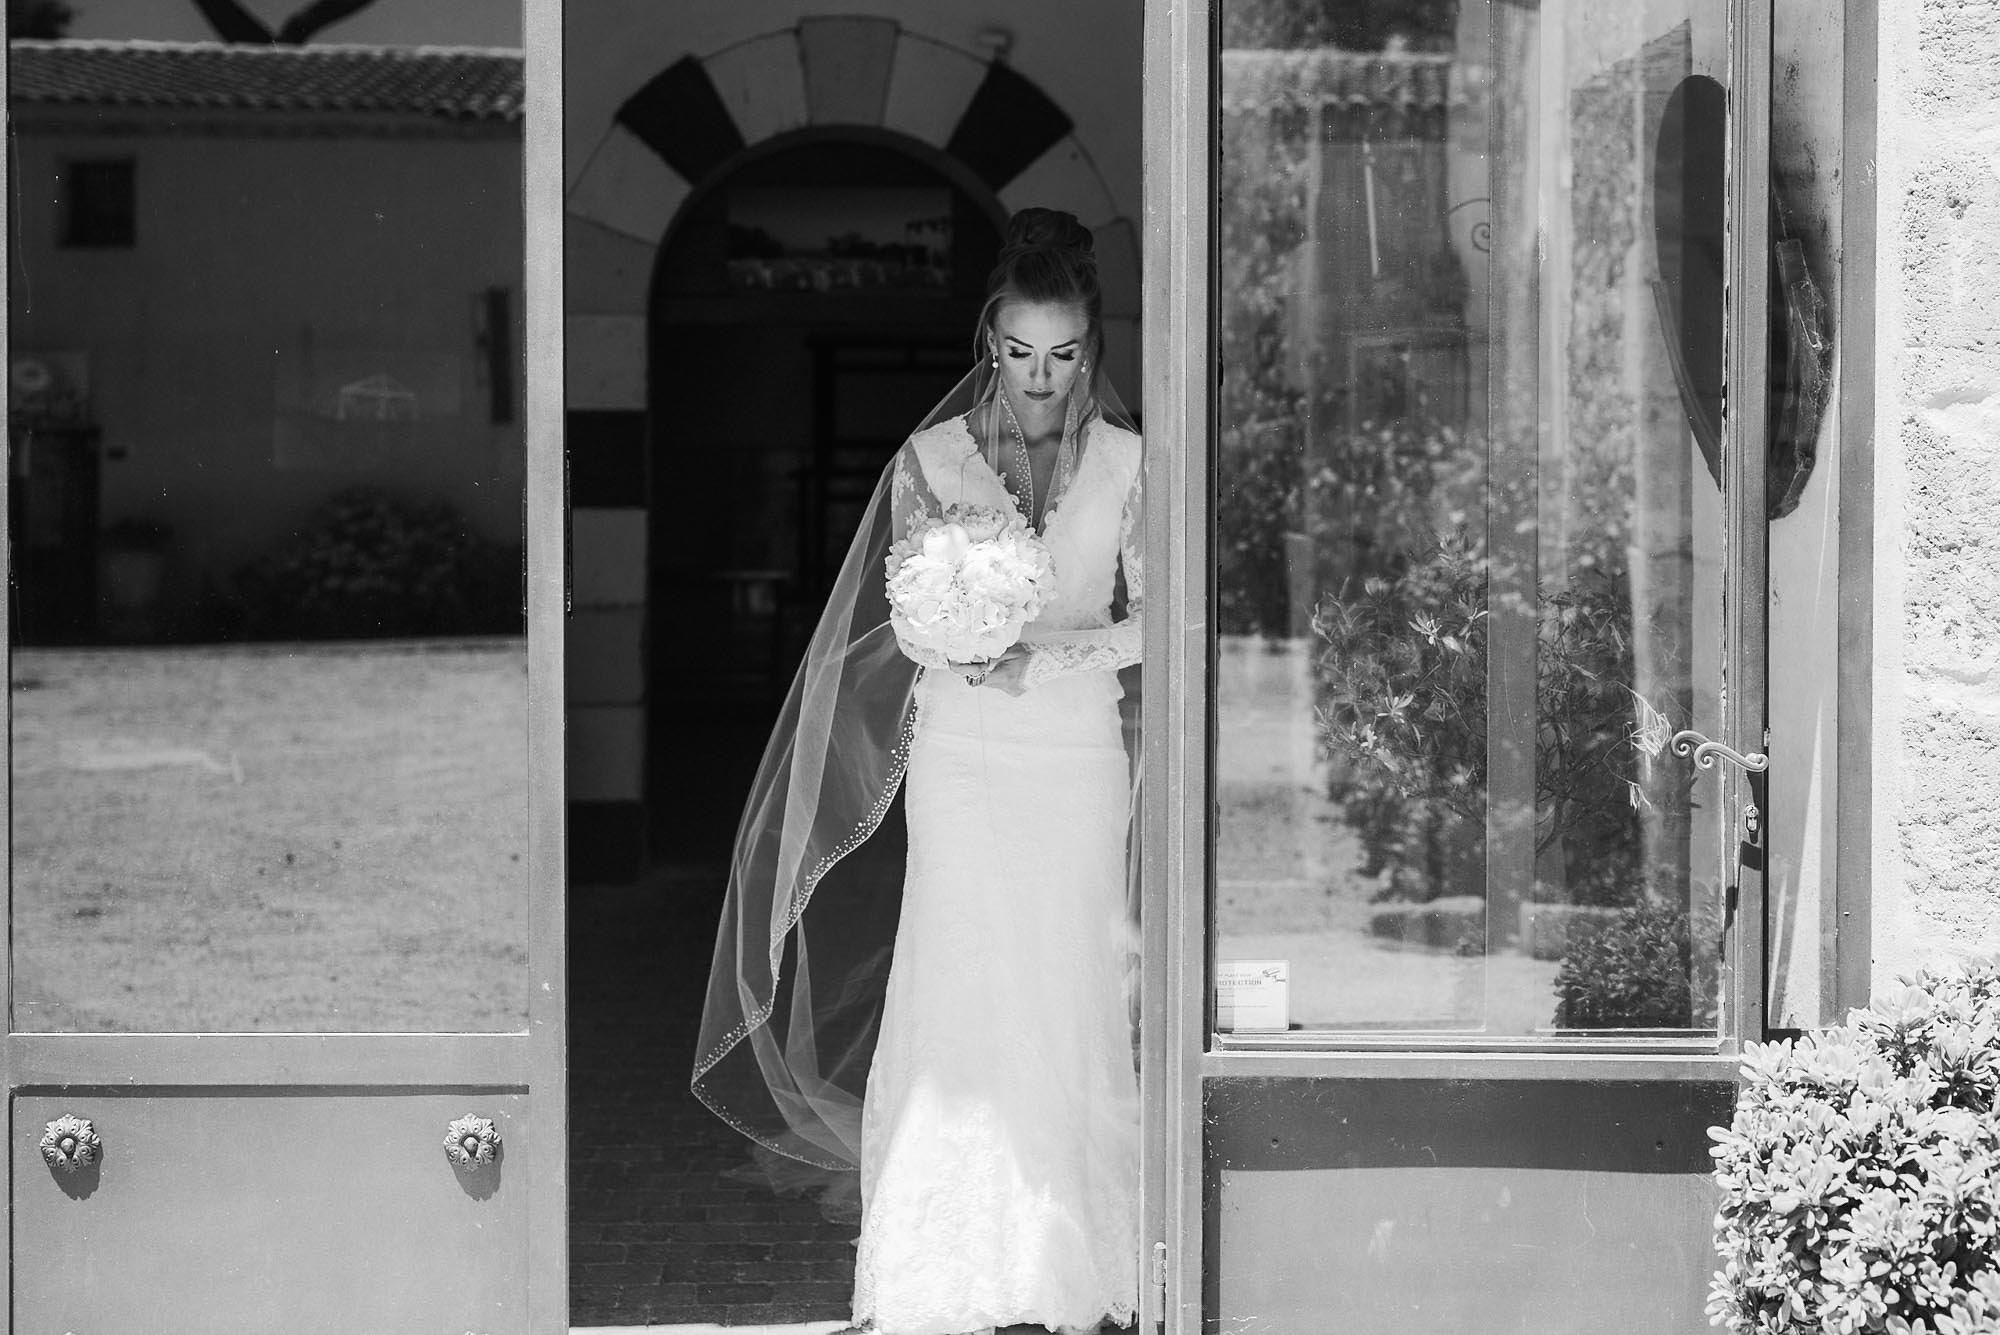 Mariage-Marie-Juulie-&-Amaury-17_06_2017-455.jpg